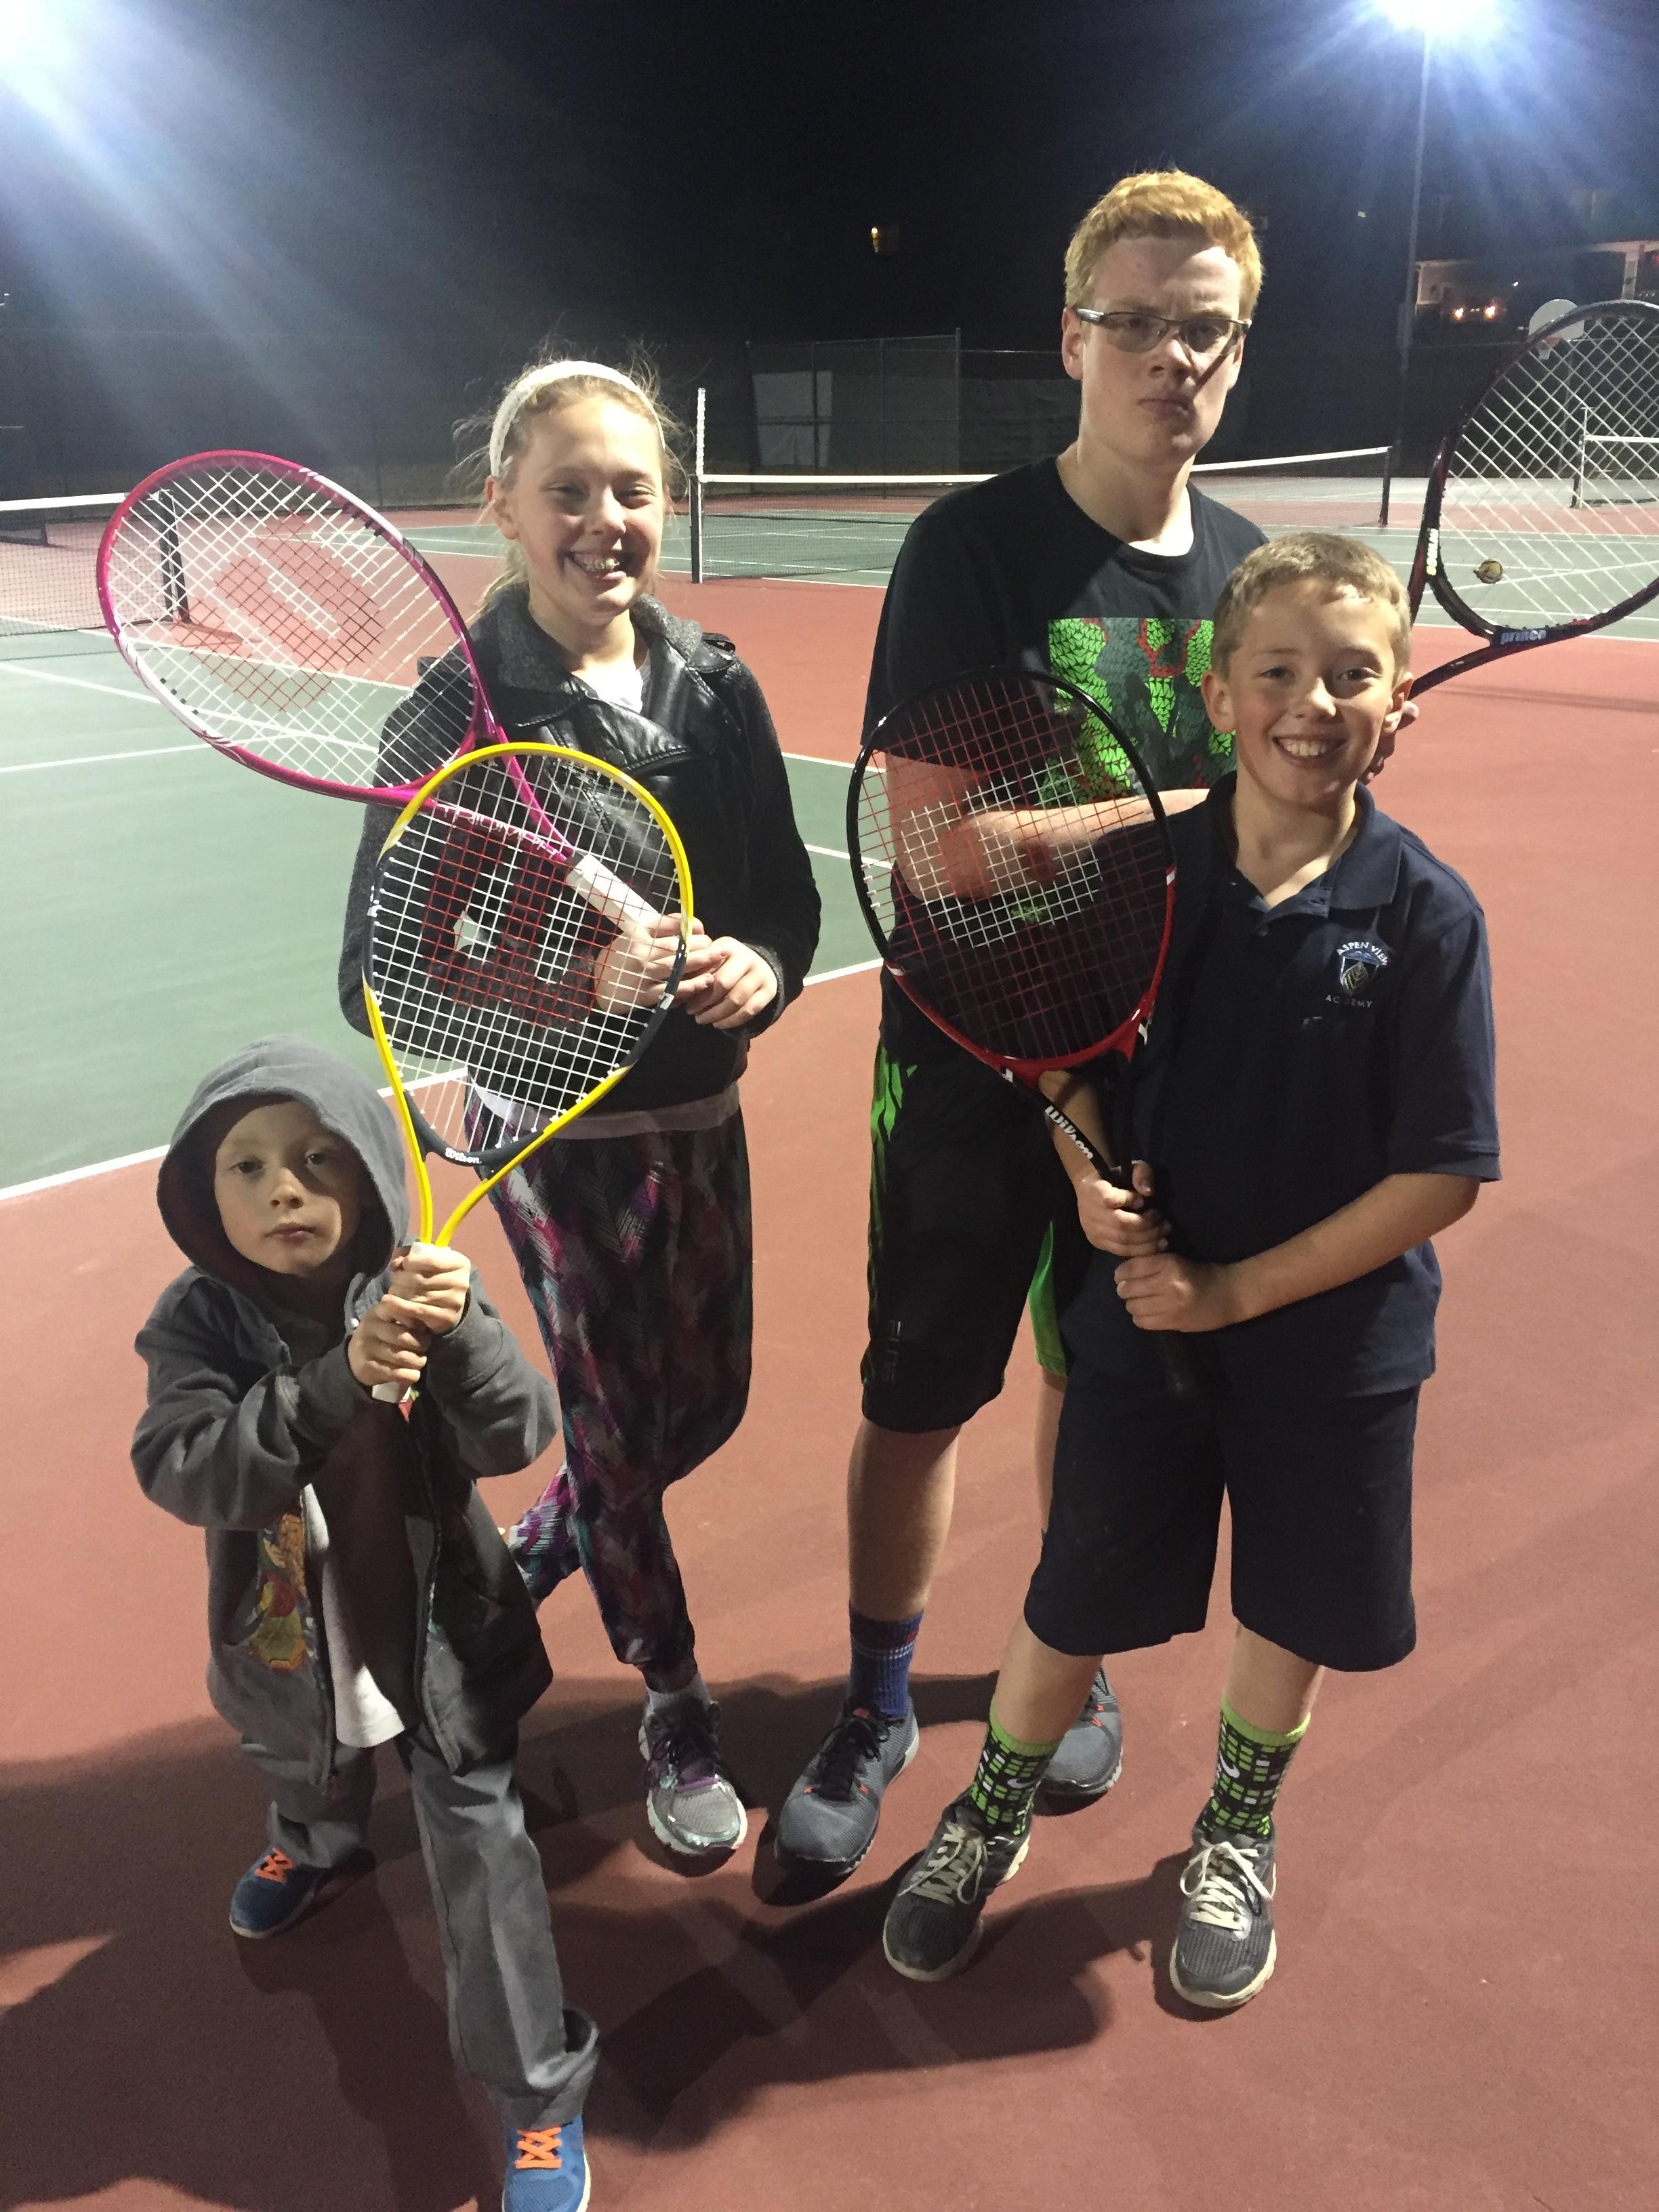 Family tennis tournament.